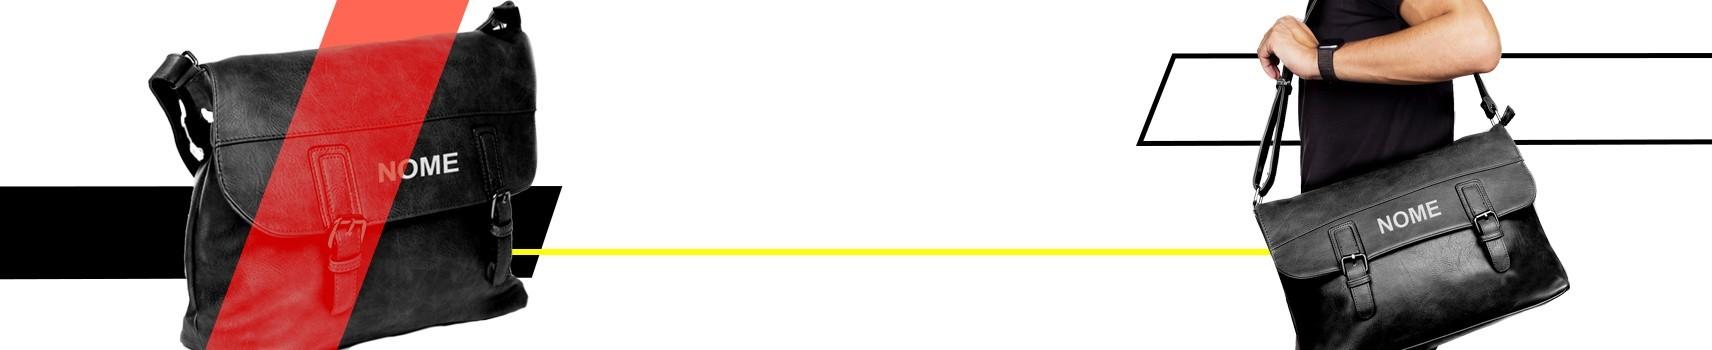 Tracolle Personalizzabili - Borse a Tracolla personalizzate e da personalizzare